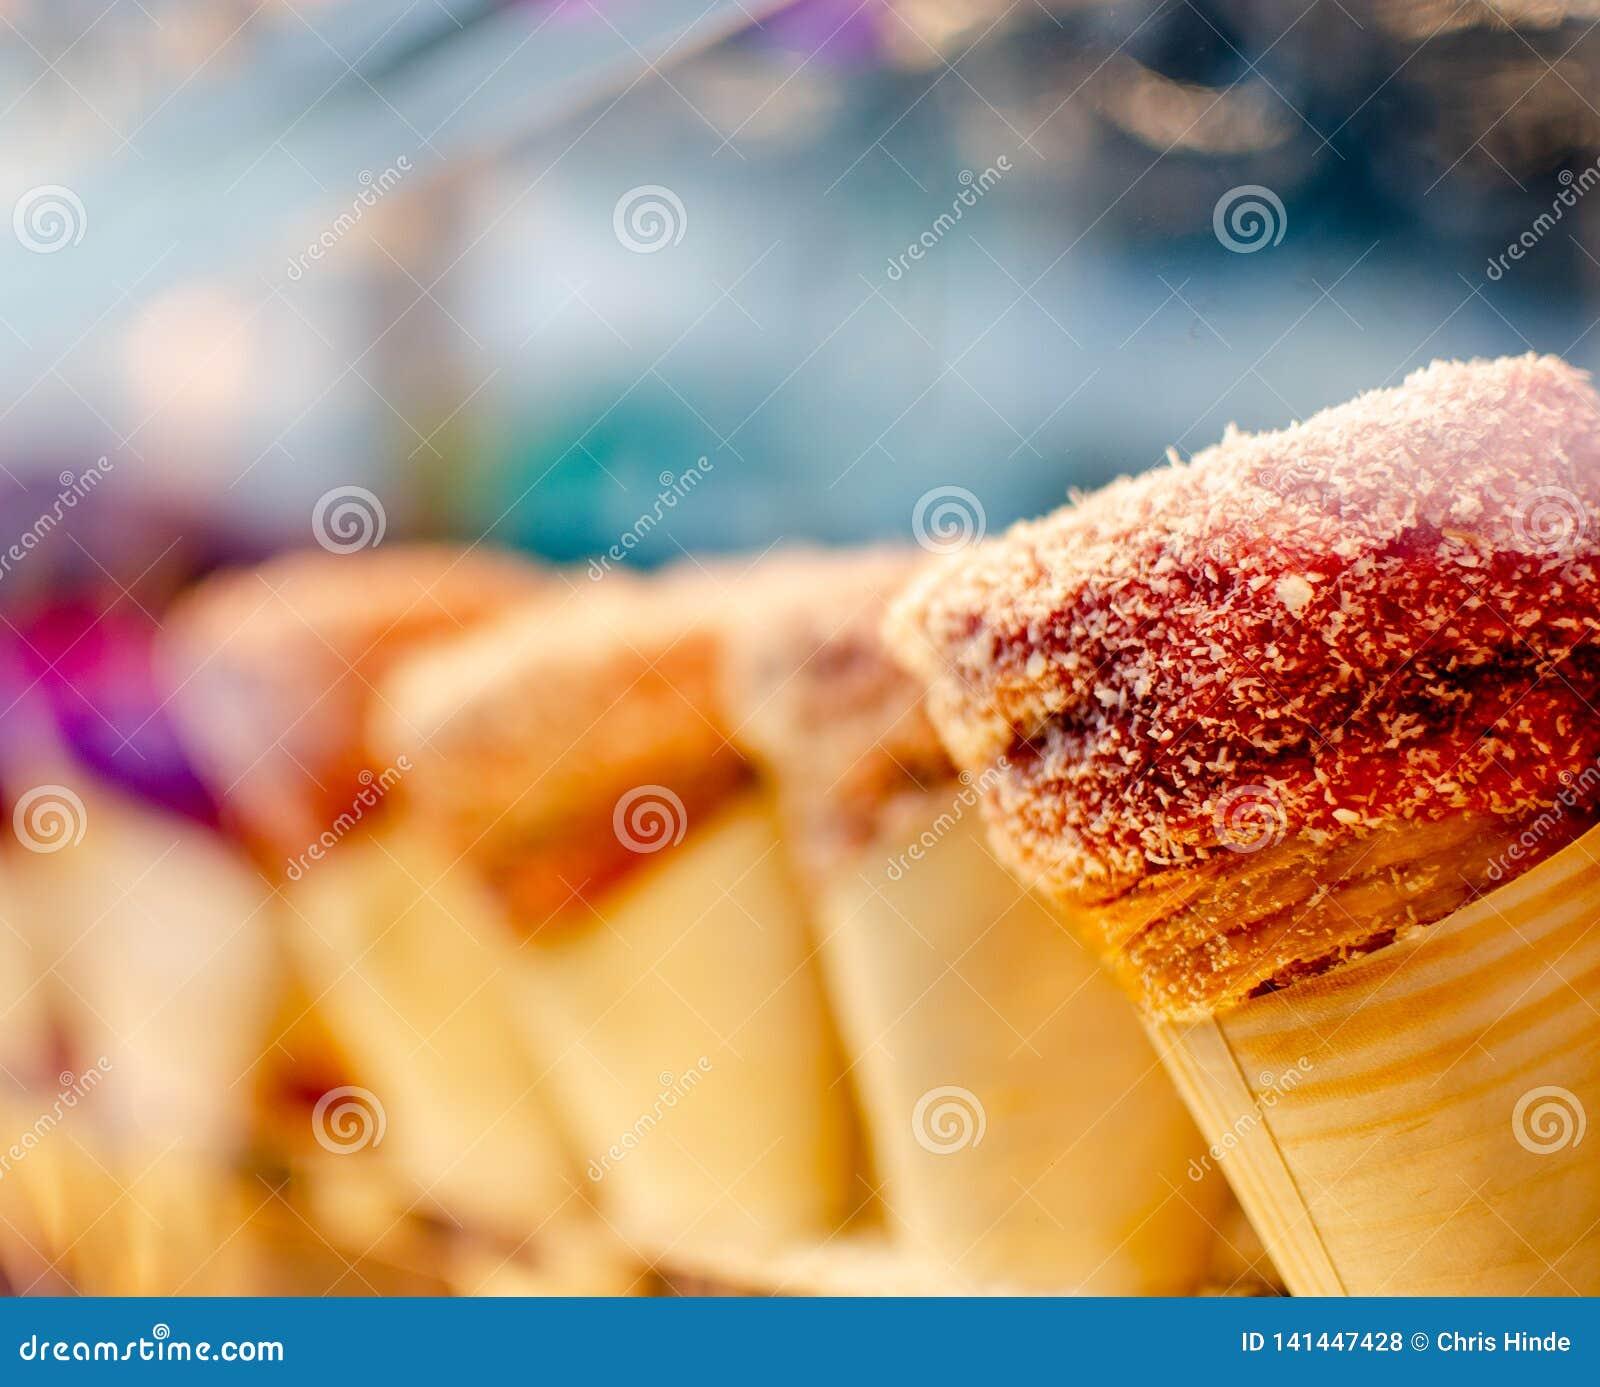 锥体奶油色冰